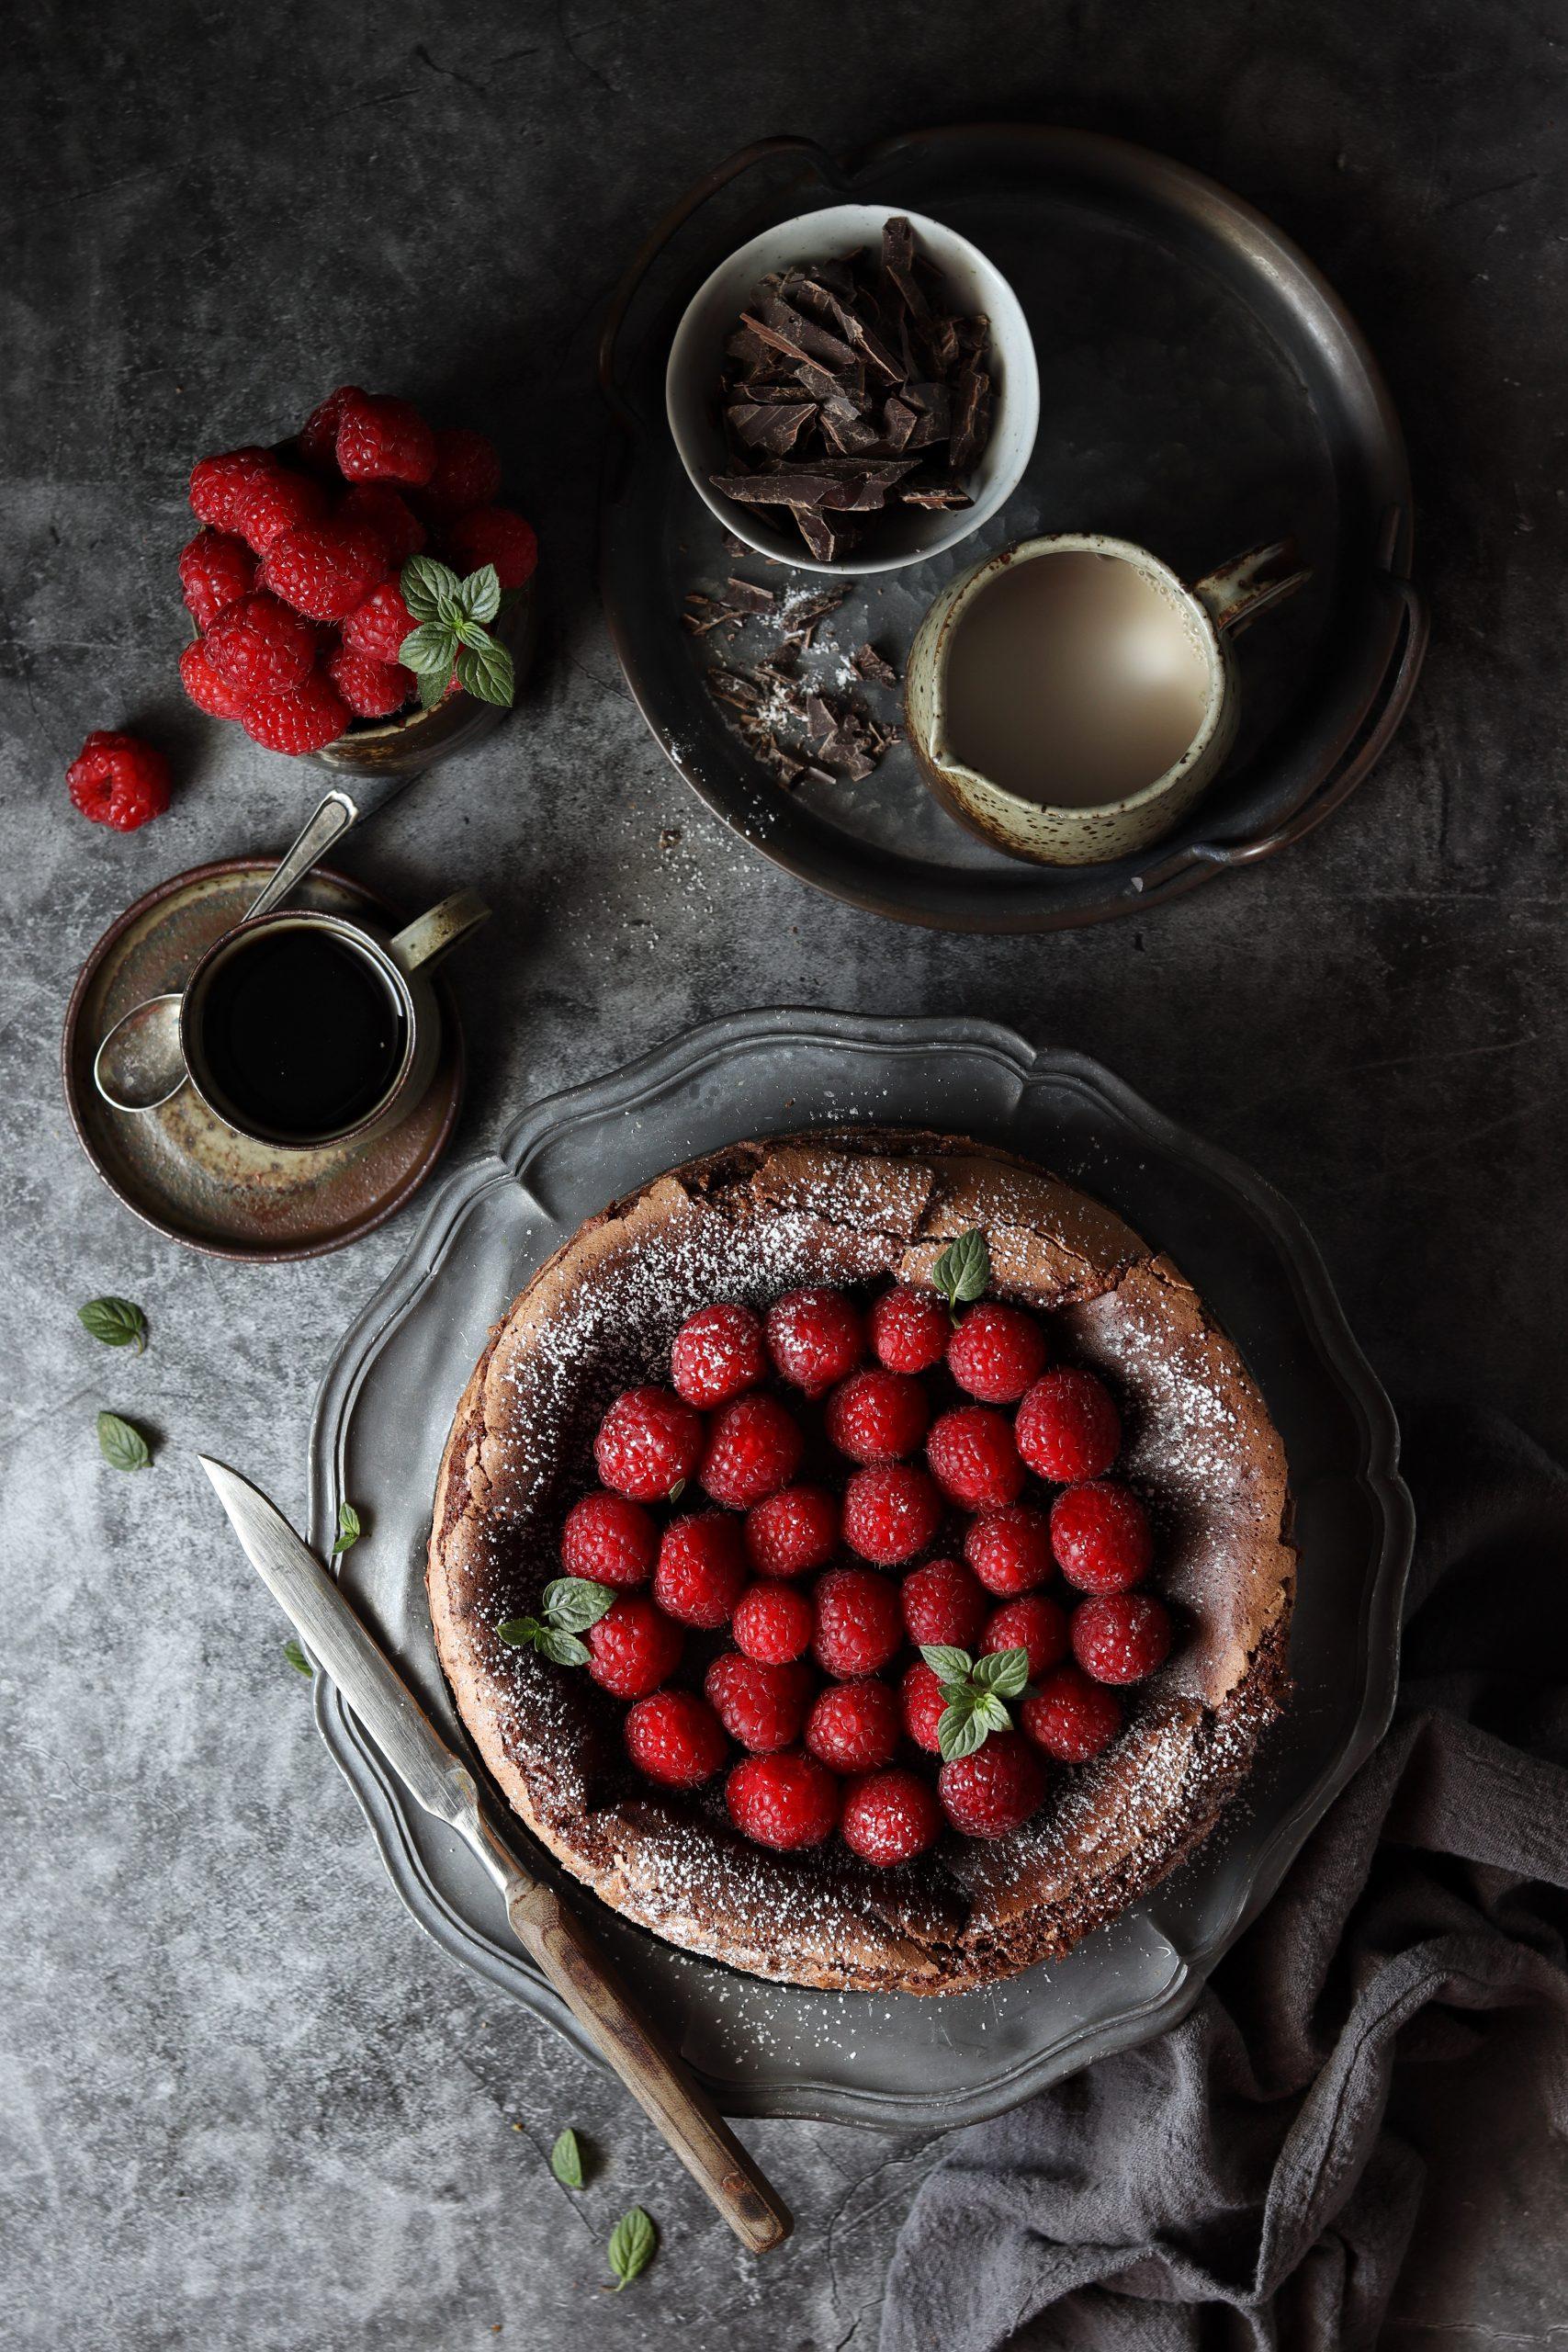 torta cioccolato e lamponi senza glutine